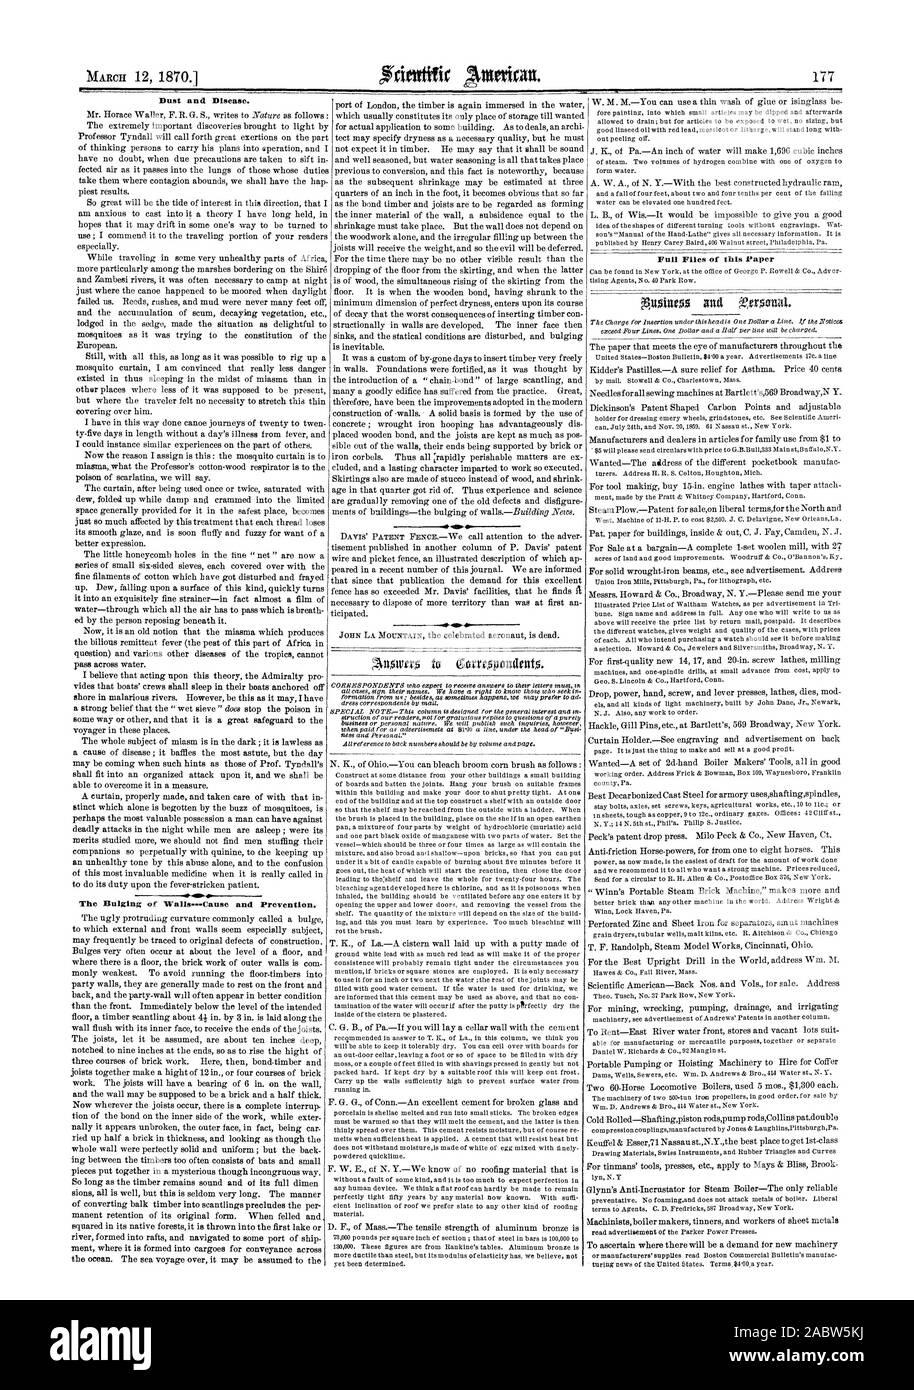 El polvo y la enfermedad. El abombamiento de las paredes-causa y prevención. Archivos completos de este papel, Scientific American, 70-03-12 Foto de stock